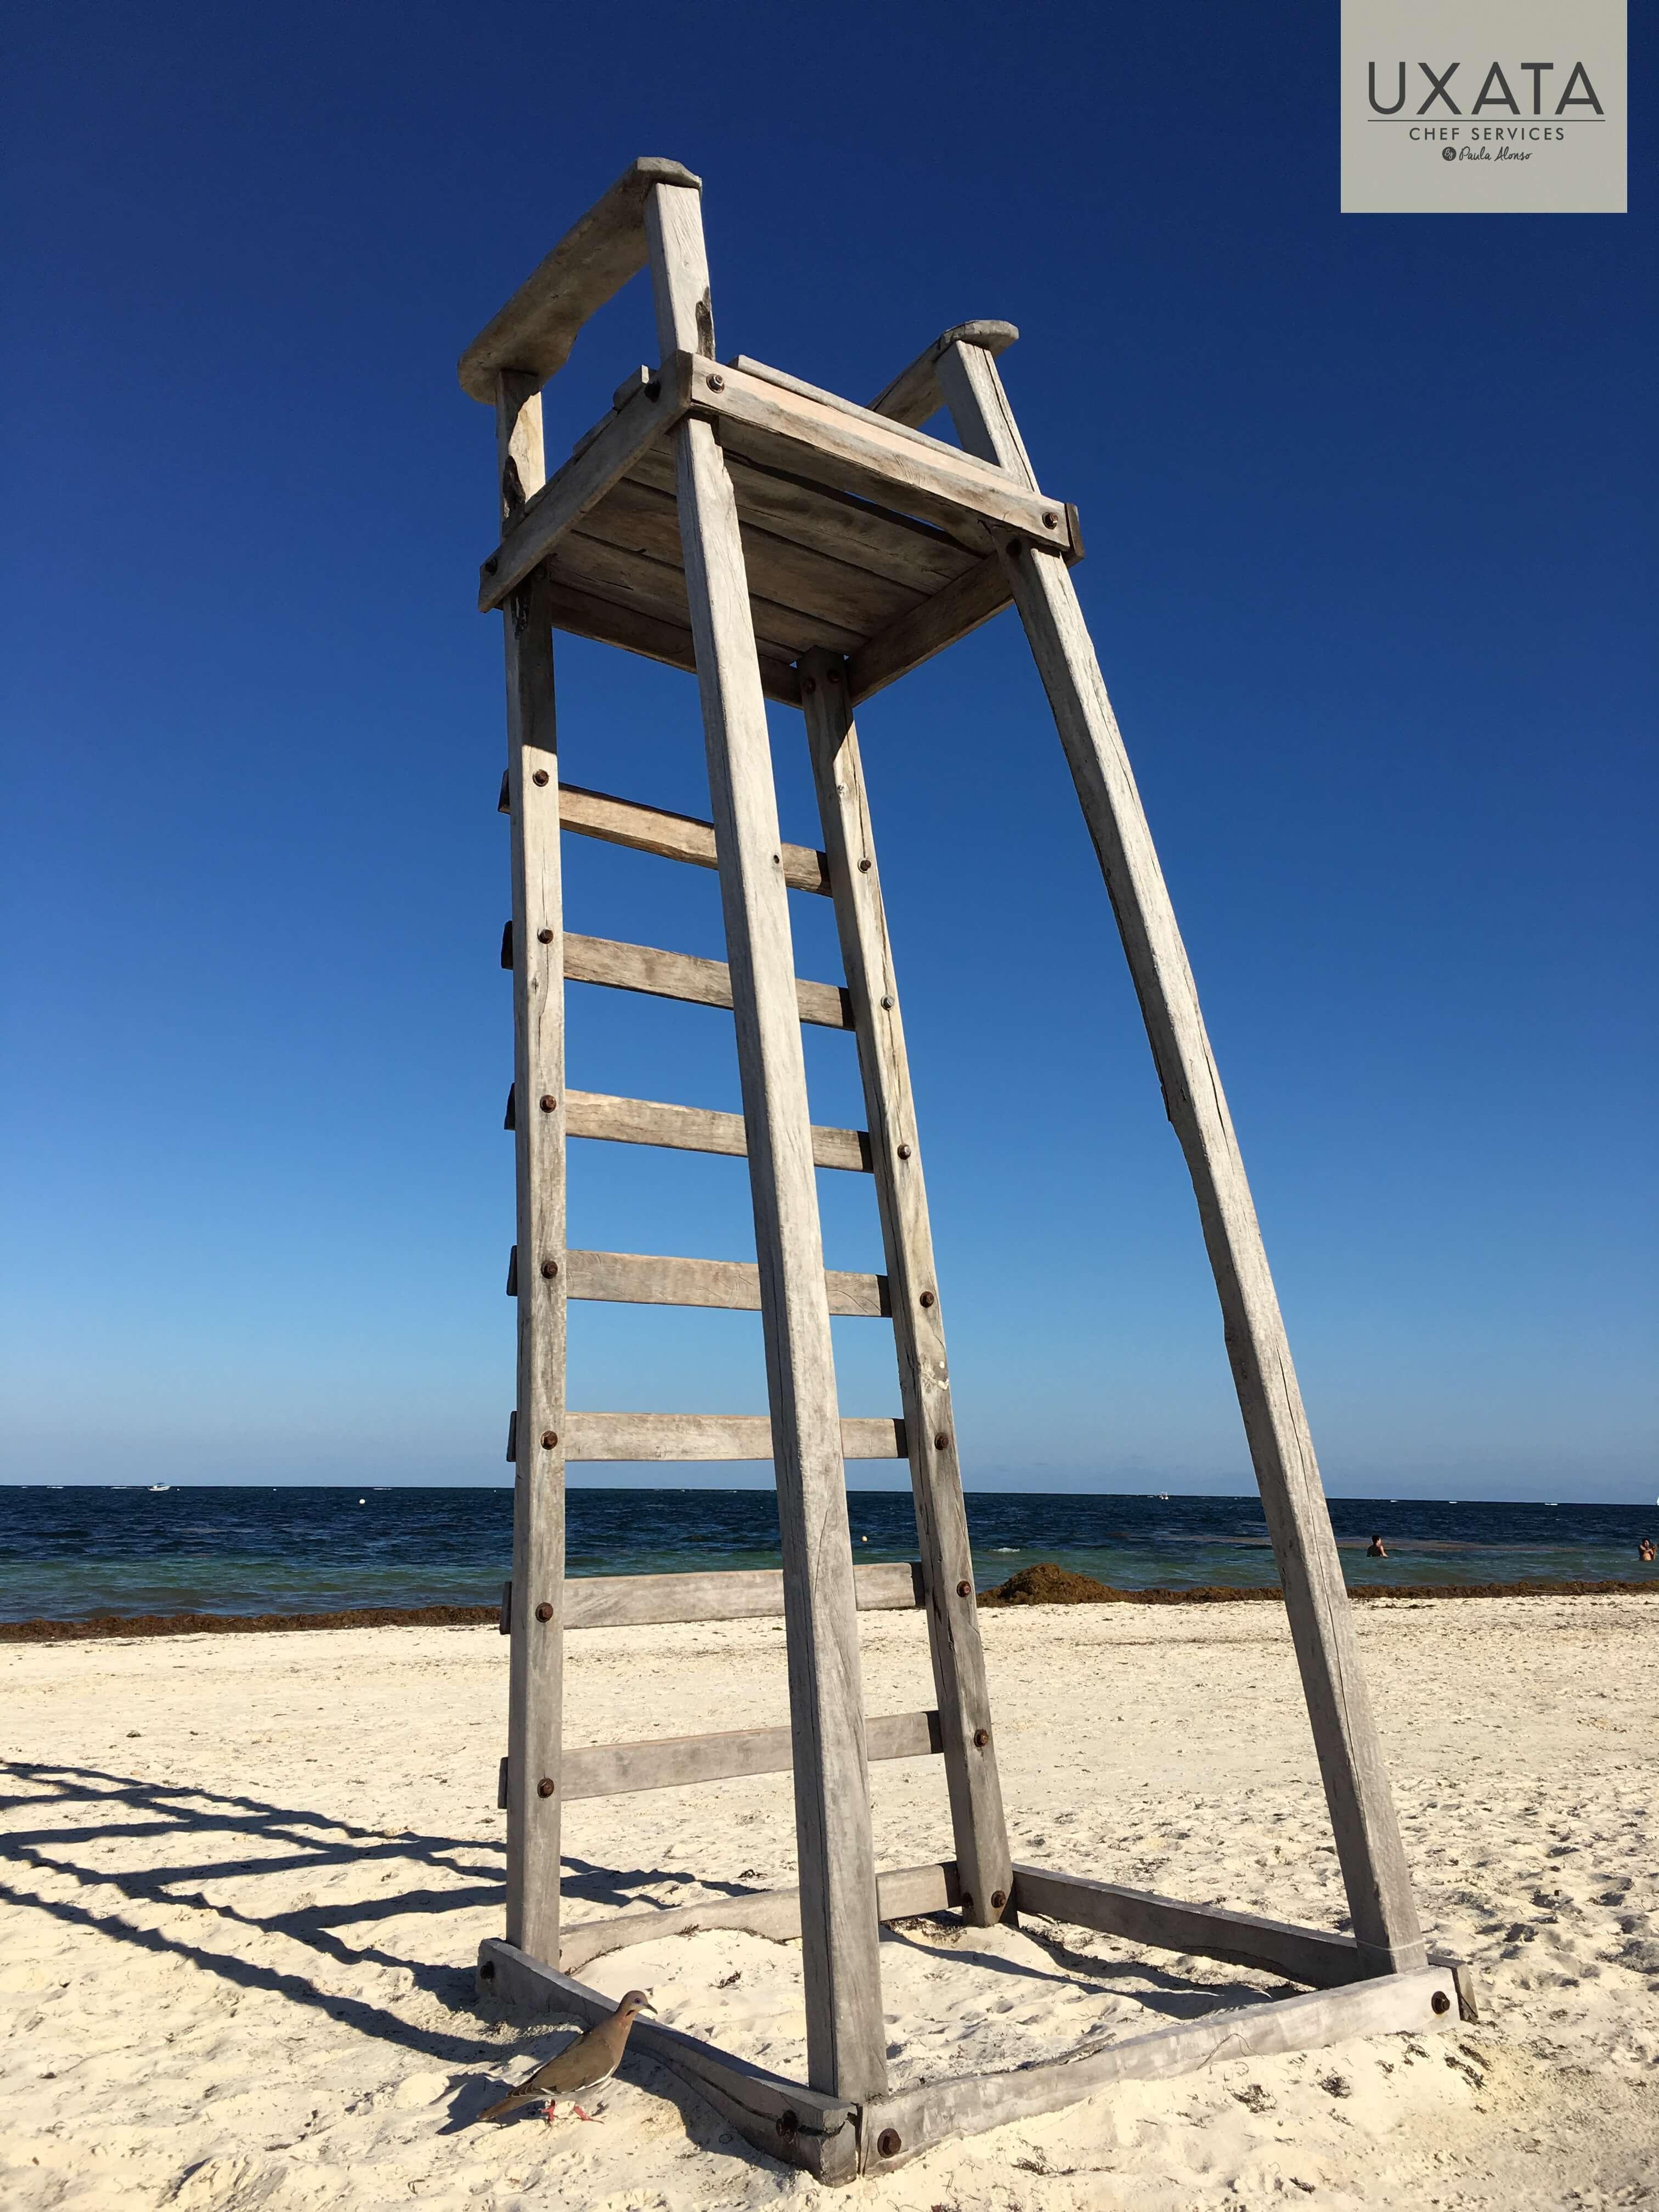 Puerto Morelos lifeguard chair beach and sea